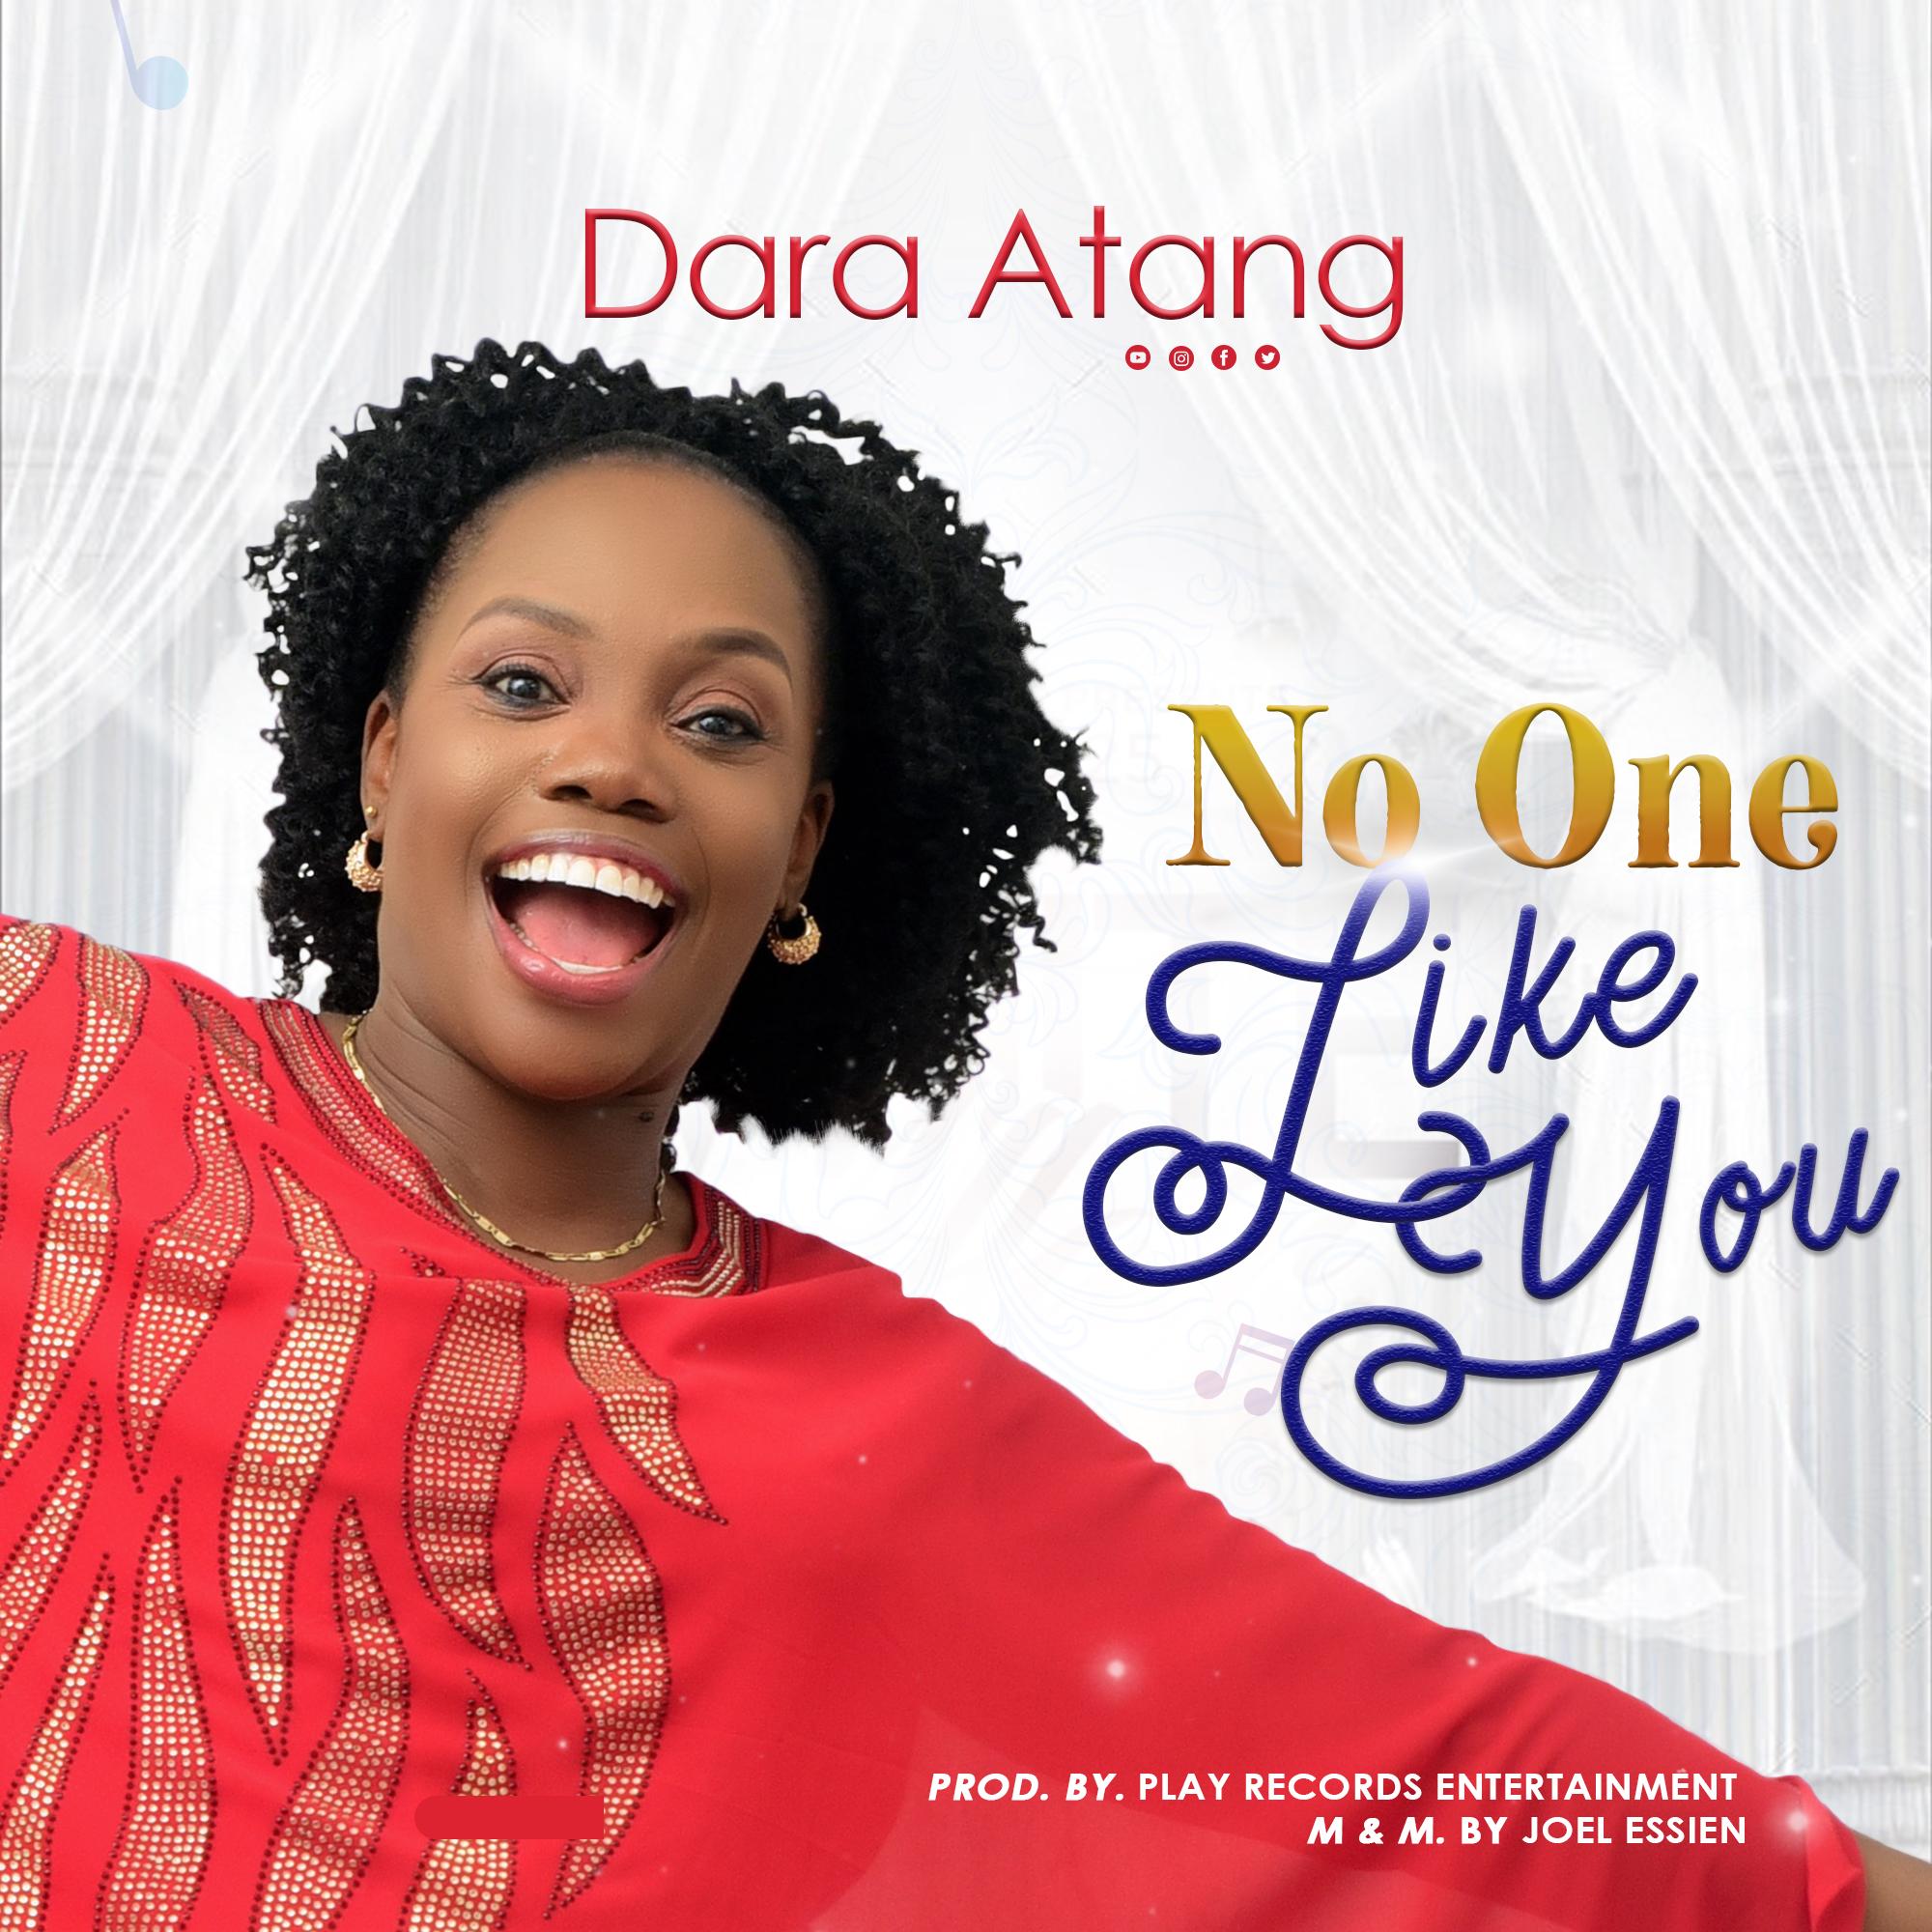 Dara Atang - No One Like You Download MP3